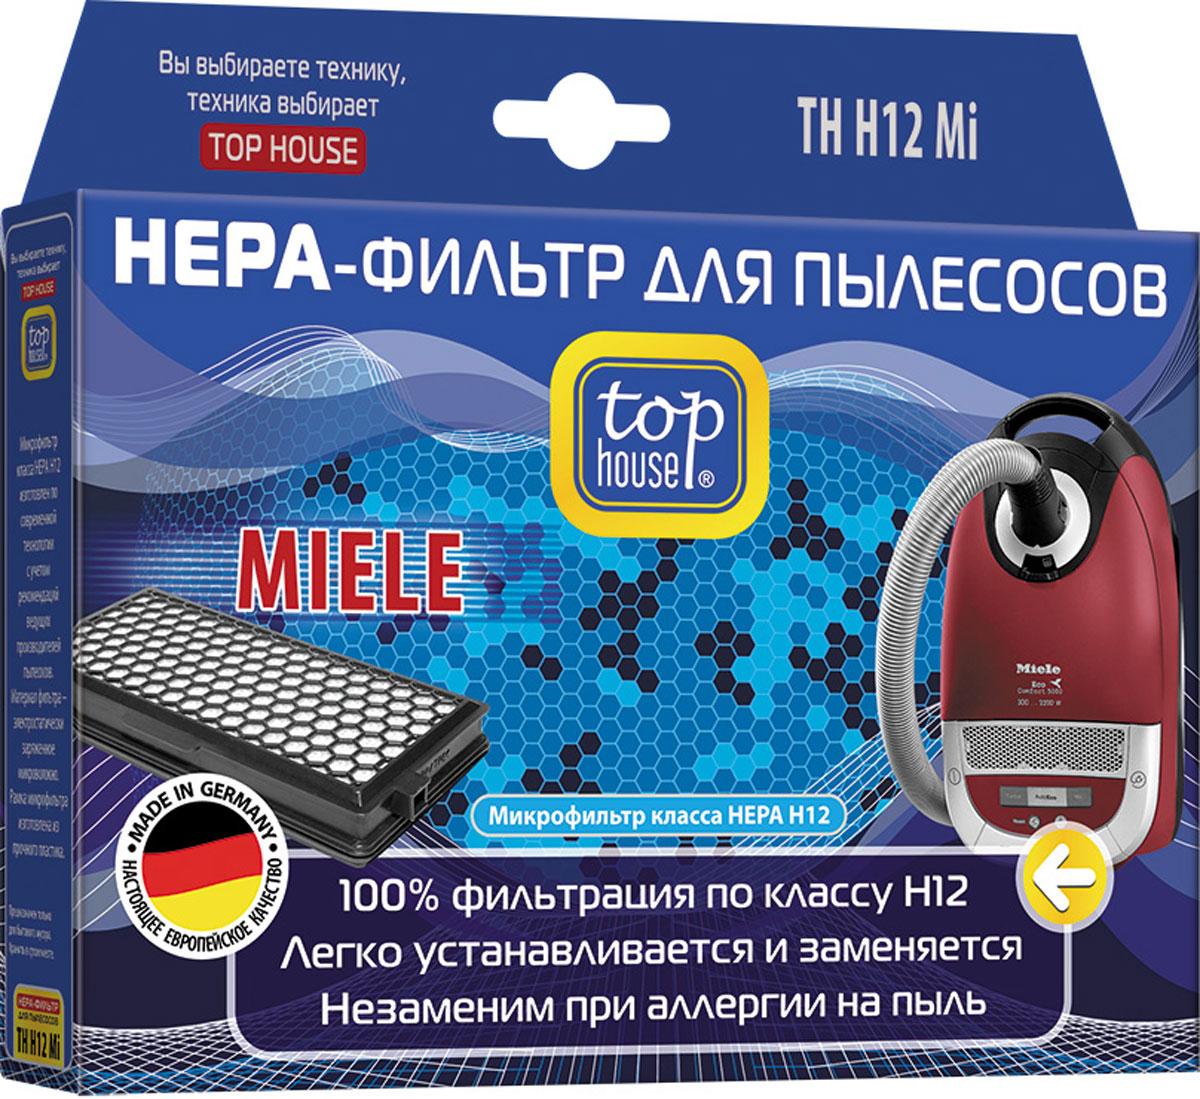 Top House 12870 TH H12 Mi HEPA-фильтр для пылесосов Miele12870НЕРА-фильтр Top House 12870 TH H12 Mi изготовлен в Германии из специального материала по современной технологии с учетом рекомендаций ведущих производителей пылесосов. Благодаря уникальной структуре НЕРА-фильтр задерживает все частицы пыли размером от 0,0003 мм, что в 233 раза меньше толщины человеческого волоса. Высокая степень фильтрации позволяет очистить воздух от бактерий, пыльцы растений, спор плесени и пылевых клешей. Особенно рекомендуется использовать НЕРА-фильтр для пылесоса людям, чувствительным к домашней пыли или страдающим аллергией, а также, если в доме есть маленькие дети. Замену НЕРА-фильтра необходимо производить не реже 1 раза в год в соответствии с инструкцией к вашему пылесосу.Для пылесосов Miele S4210 – S4812, S5210 – S5981, S6210 – S6780, S8310 – S8990, Compact C1-C2, Complete C2-C3